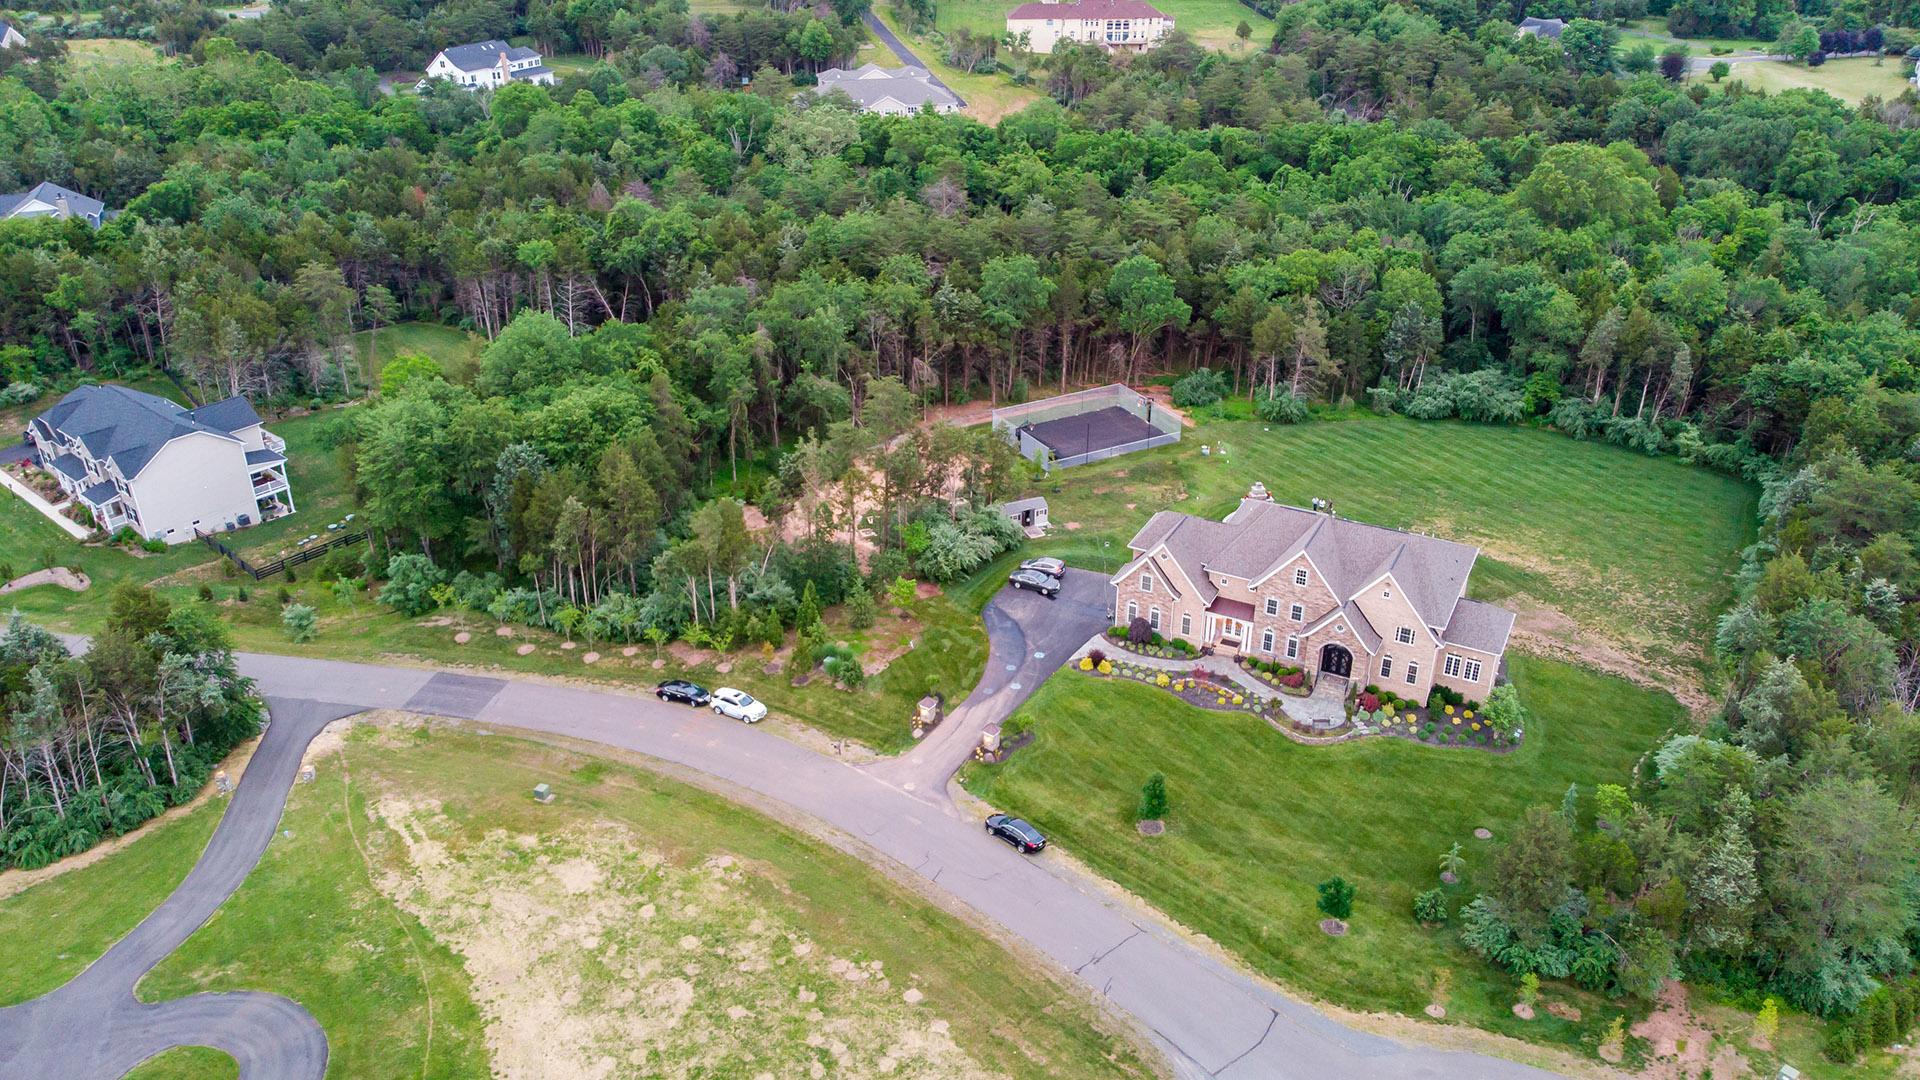 2020 NARI Capital CotY Merit Award Winner, Residential Landscape Design/ Outdoor Living over $250,000